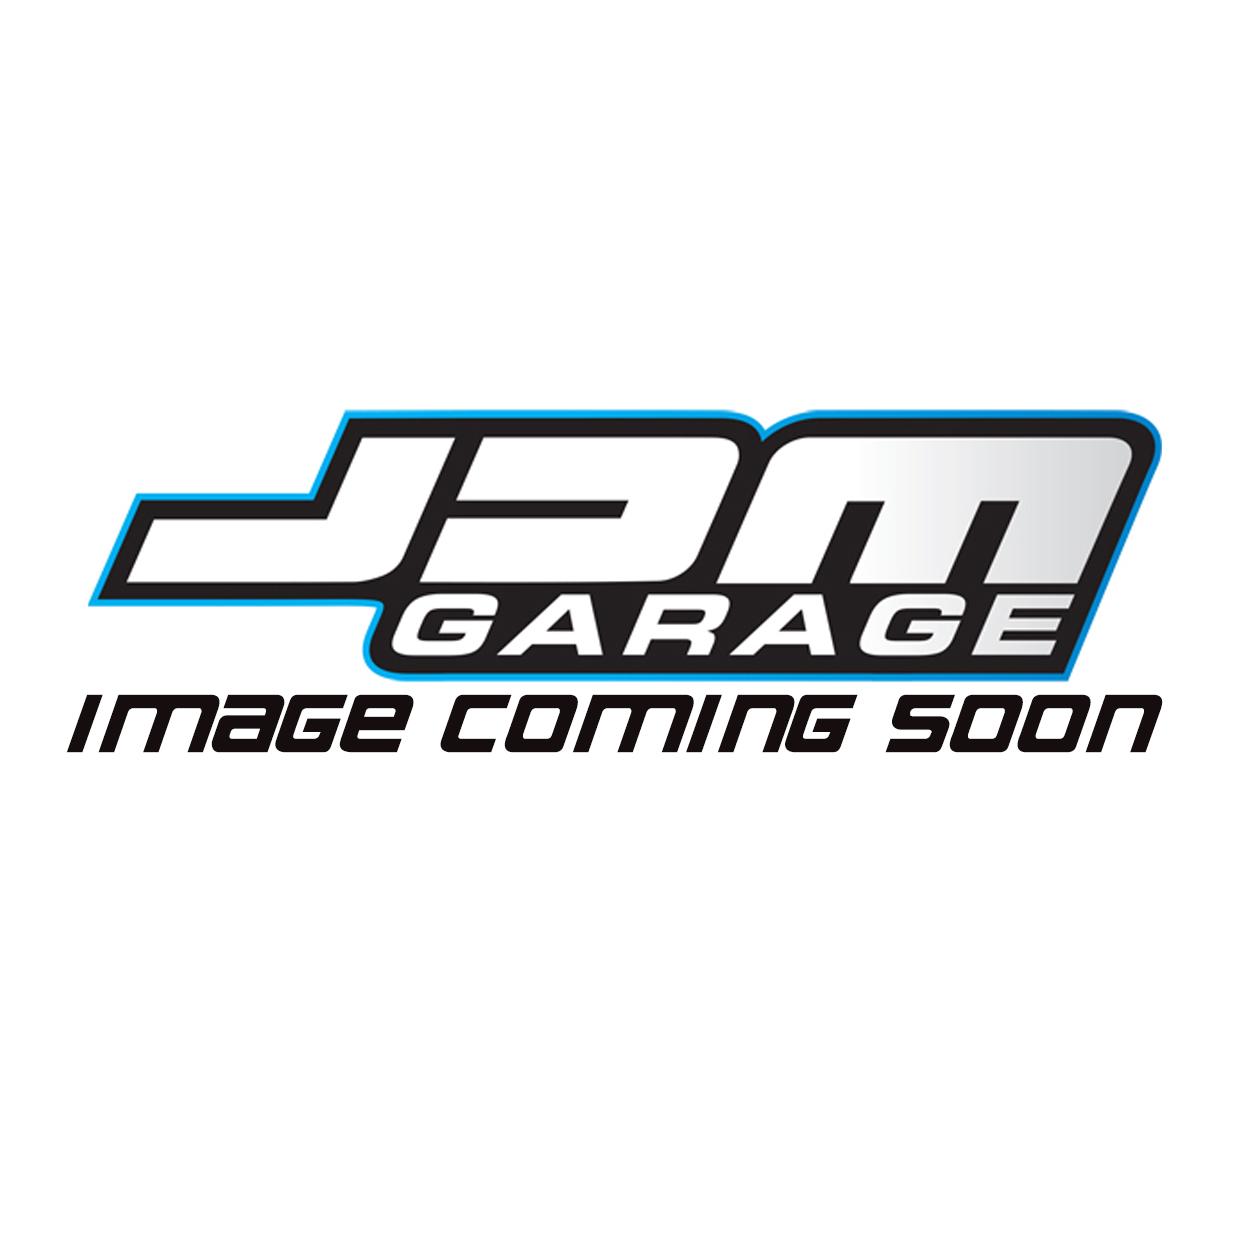 Genuine Nissan Turbo Oil Drain Return Pipe For Skyline R32 R33 R34 GTR RB26DETT 15191-05U20